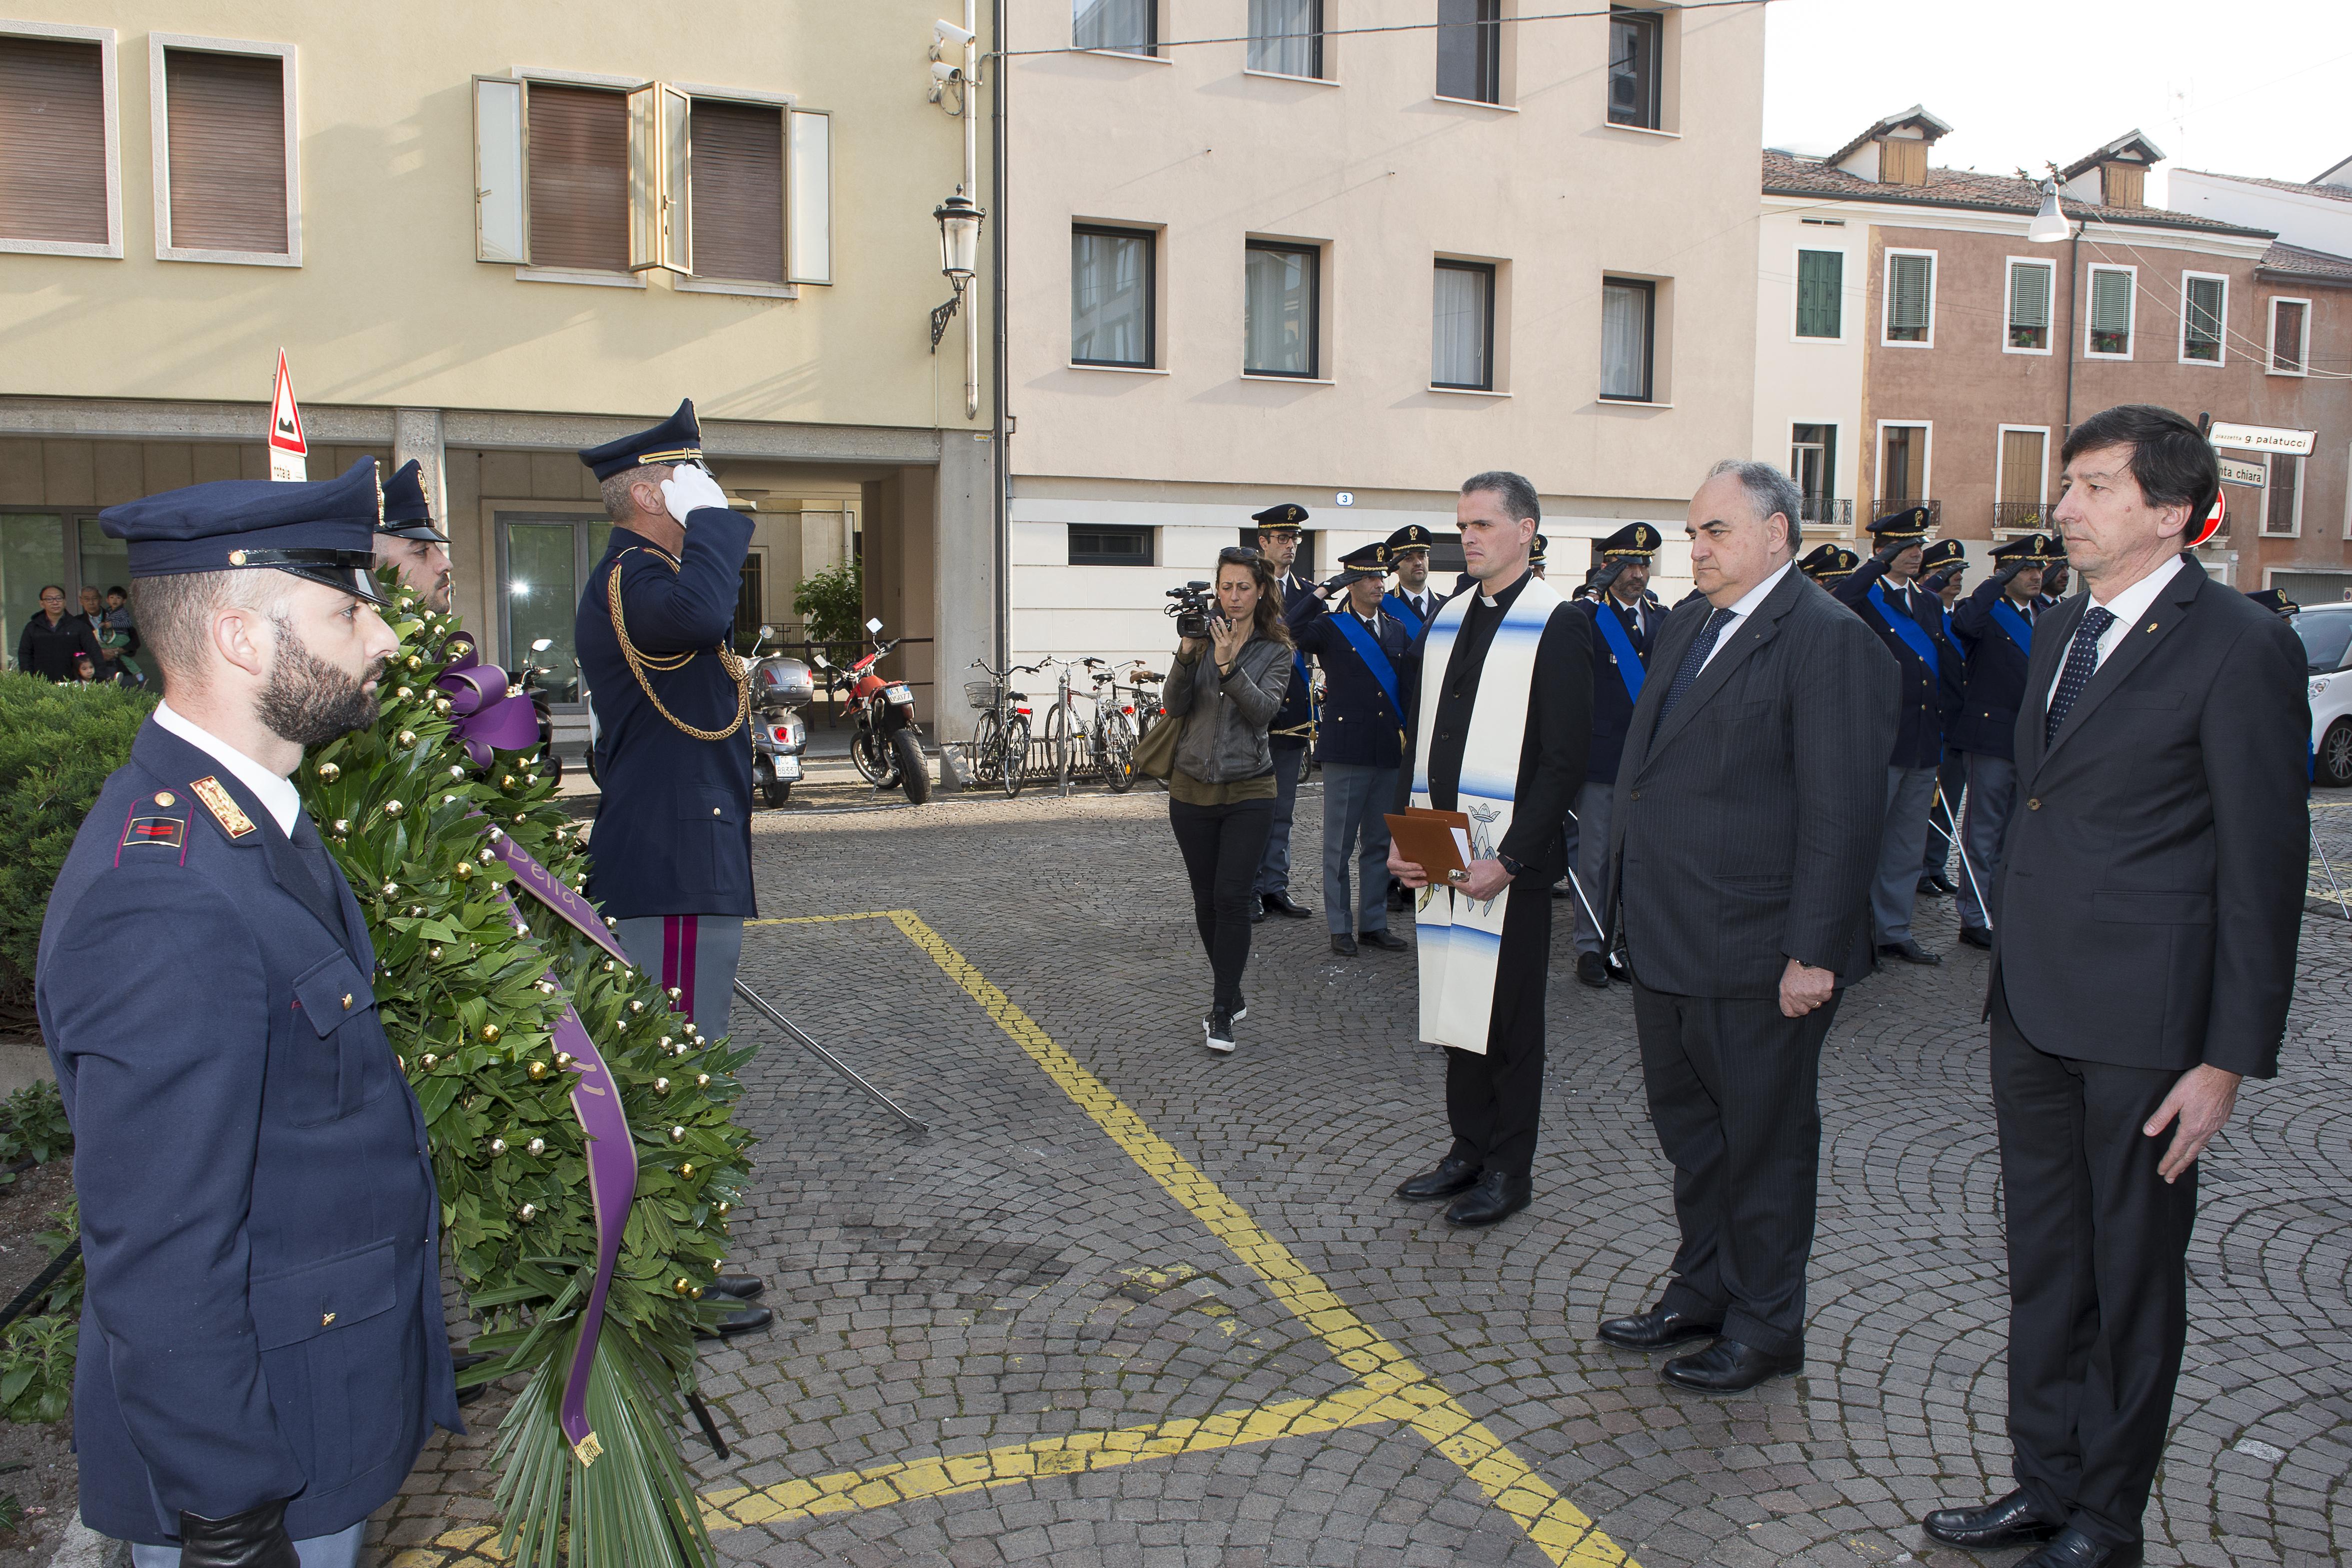 165 anniversario cerimonia deposizione corona questura for Permesso di soggiorno padova